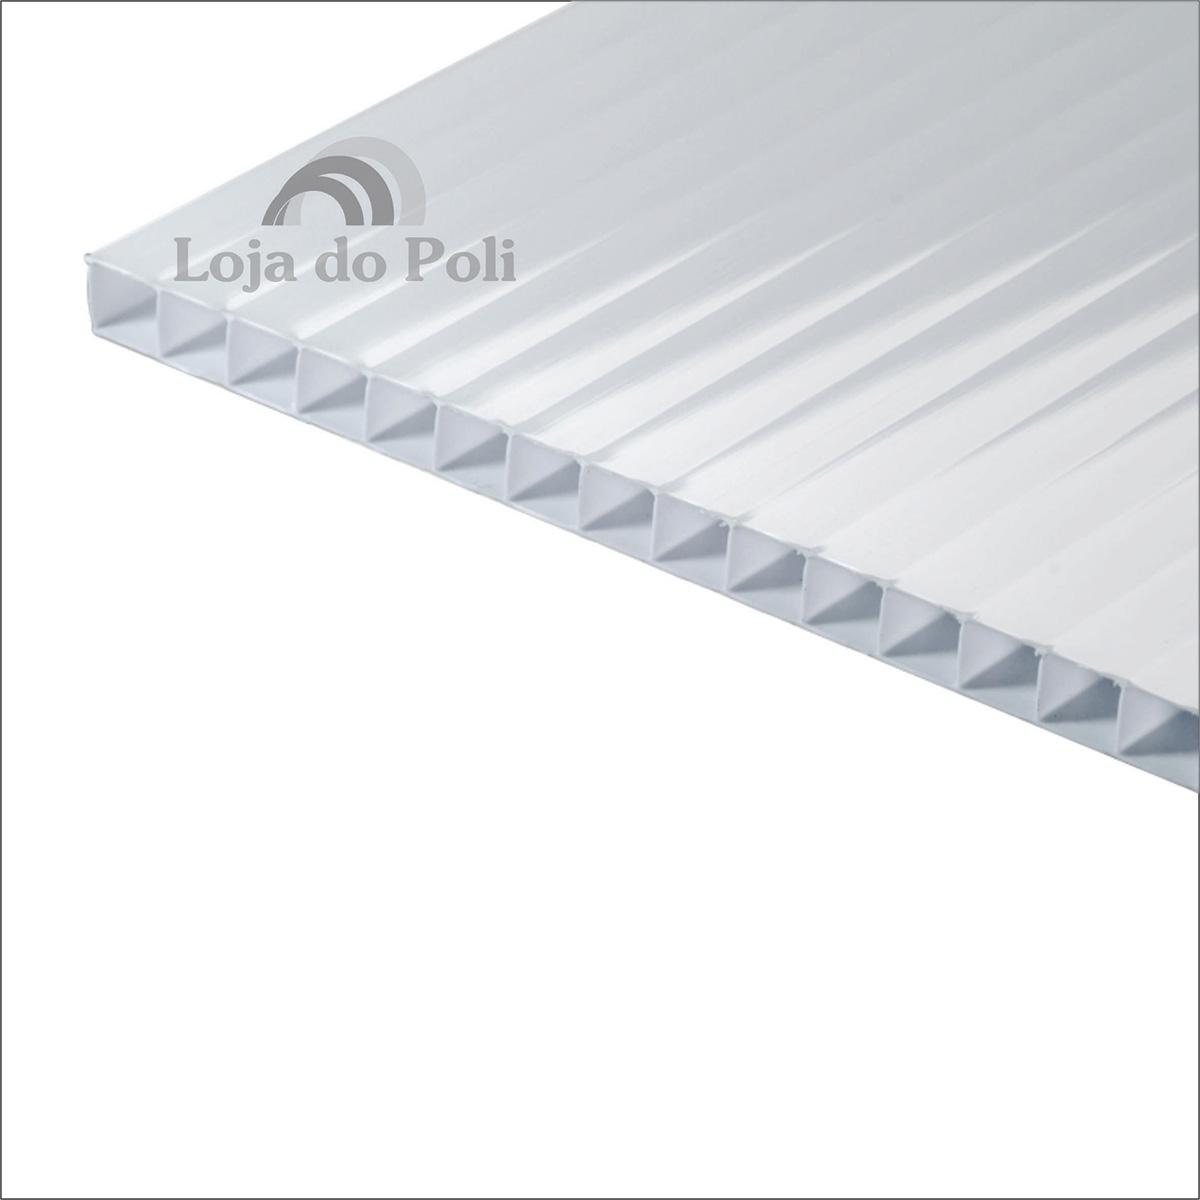 Chapa Policarbonato Alveolar Branco 10mm 1,0x6,0m